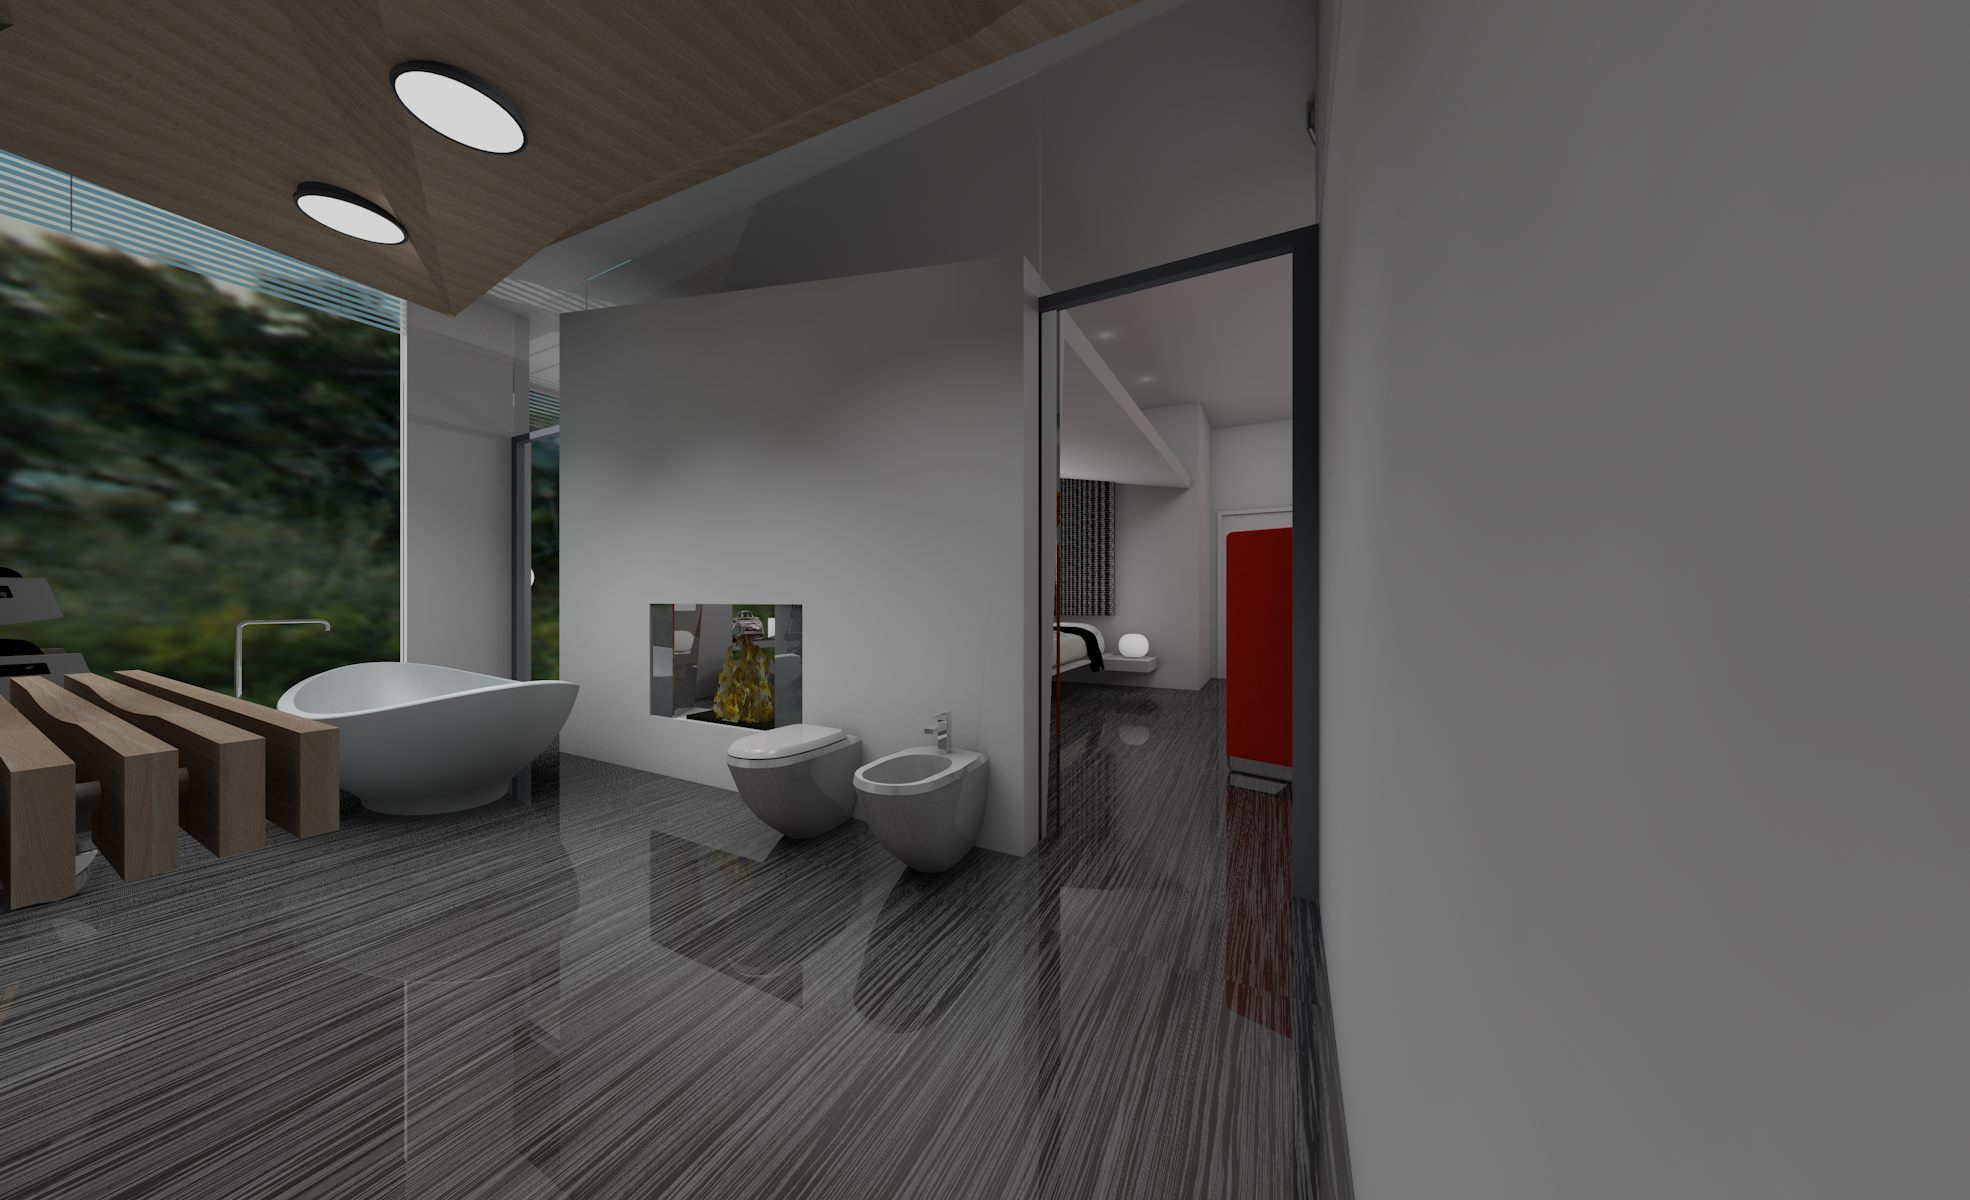 Arredamento casa idee e tendenze di arredamento for Arredi per alberghi e hotel